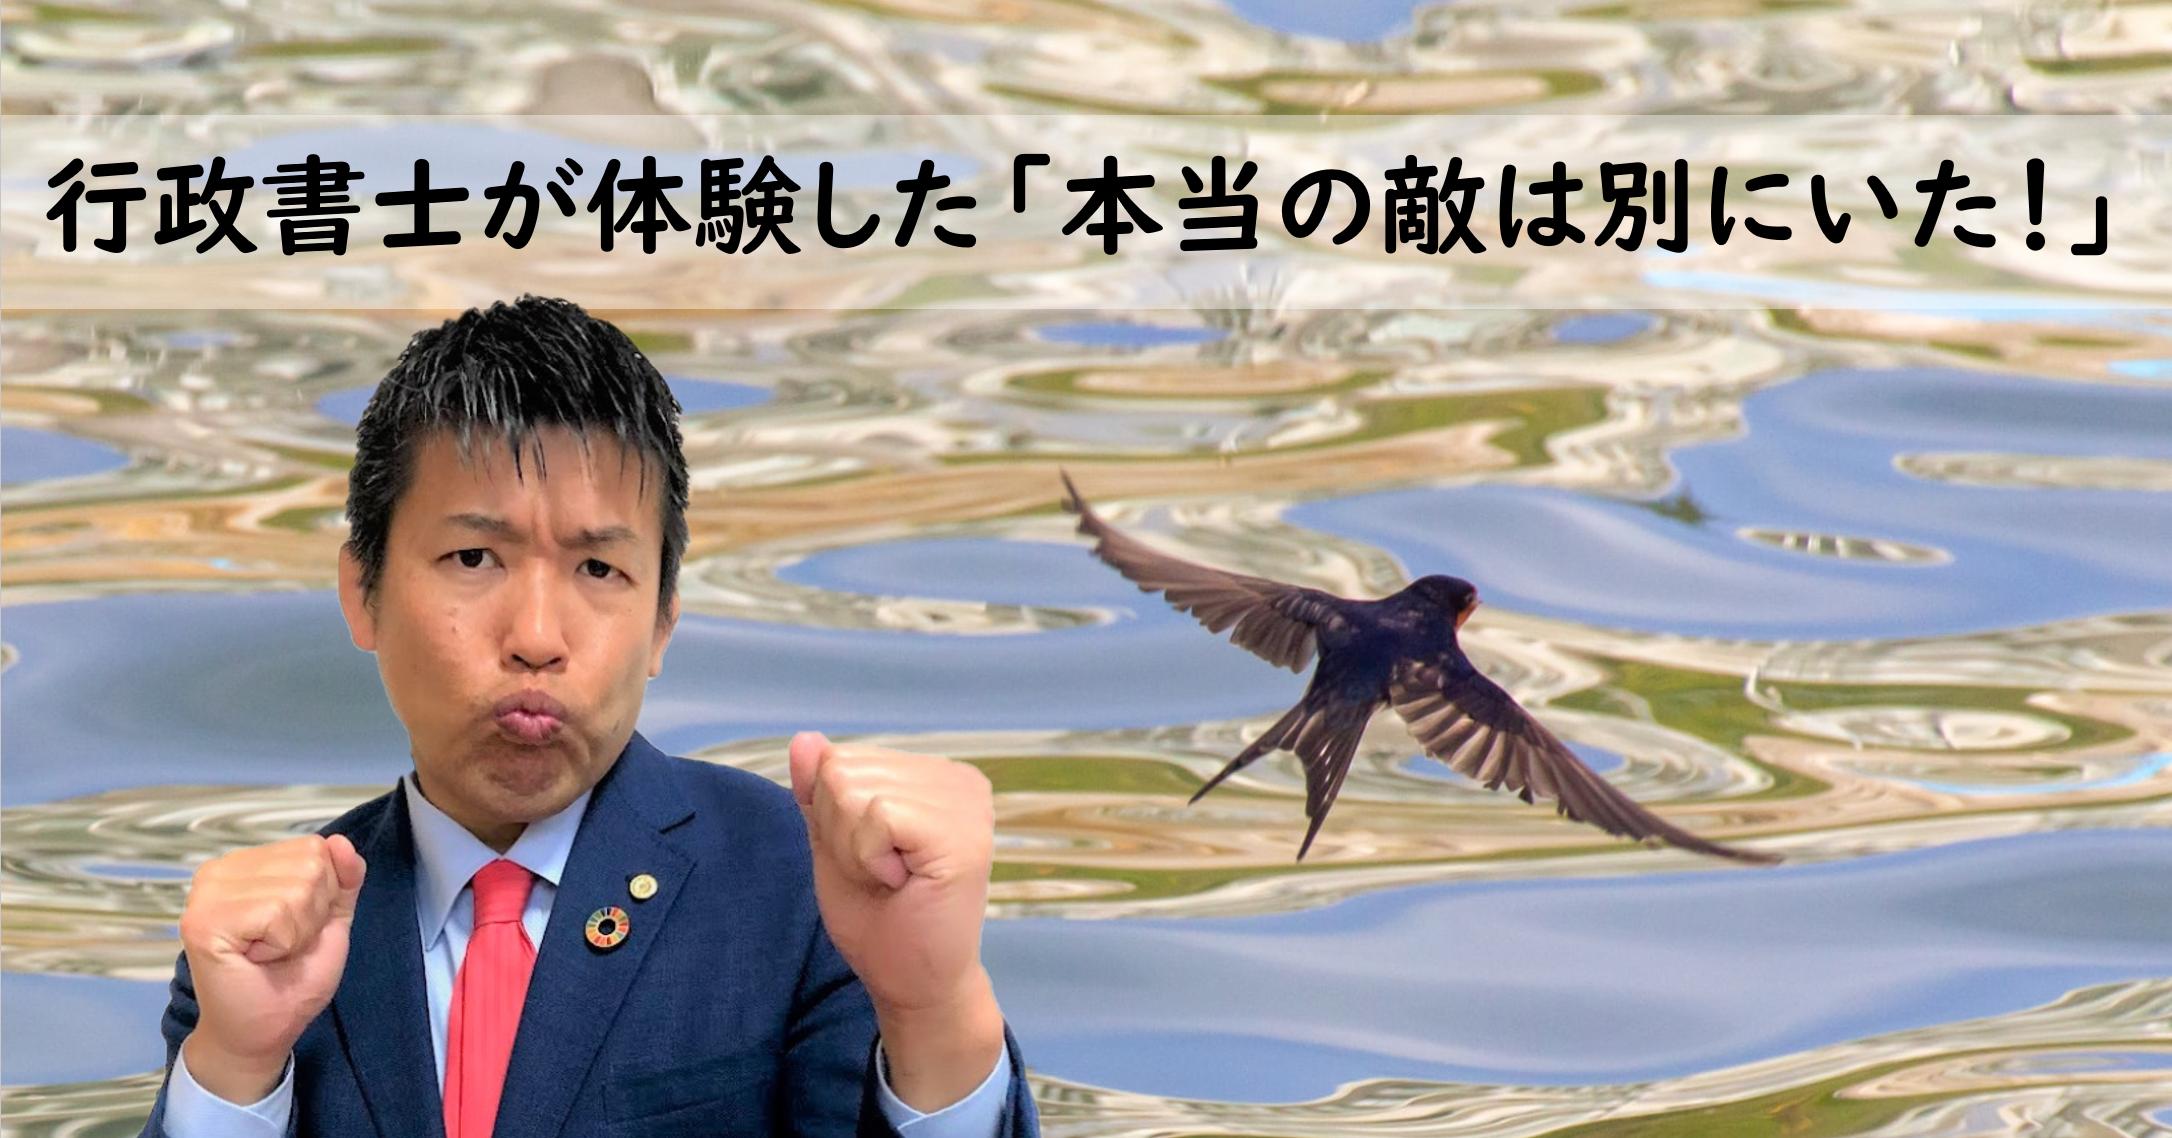 サムネ 敵は別にいた 阪神 巨人 ヤクルト